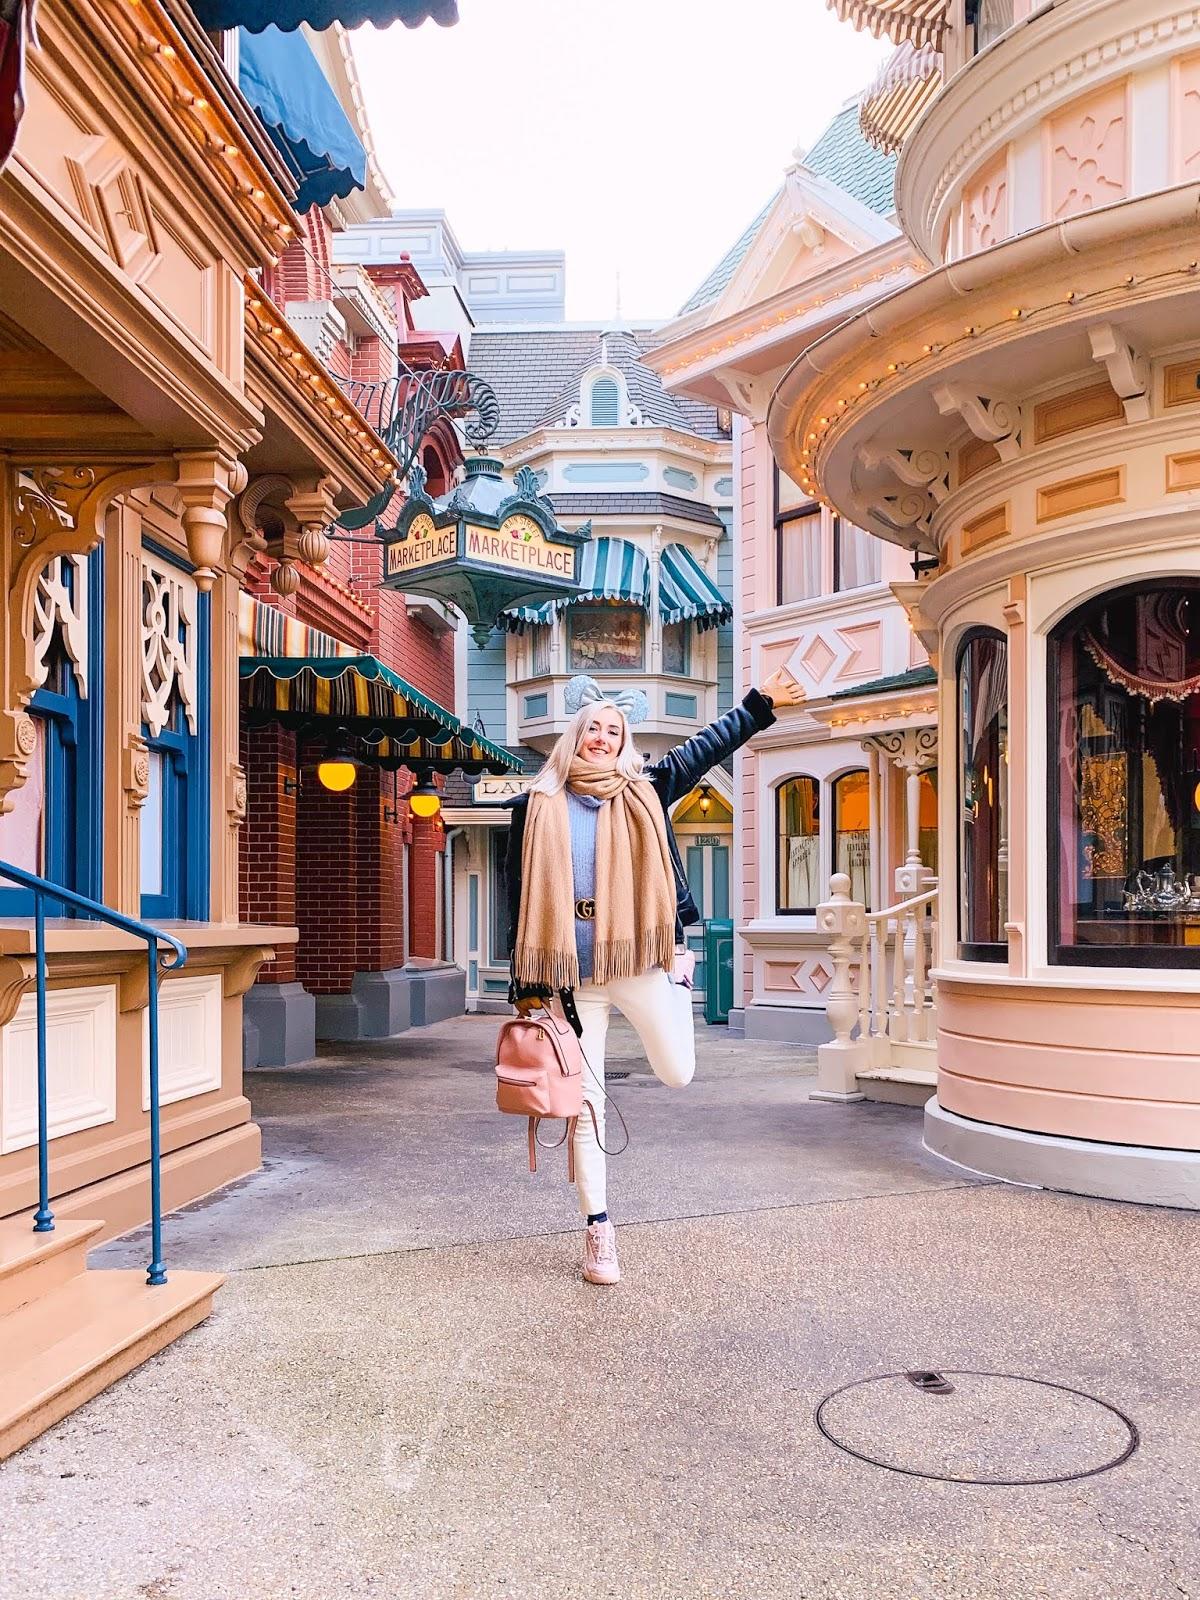 Best Rides In Disneyland Paris